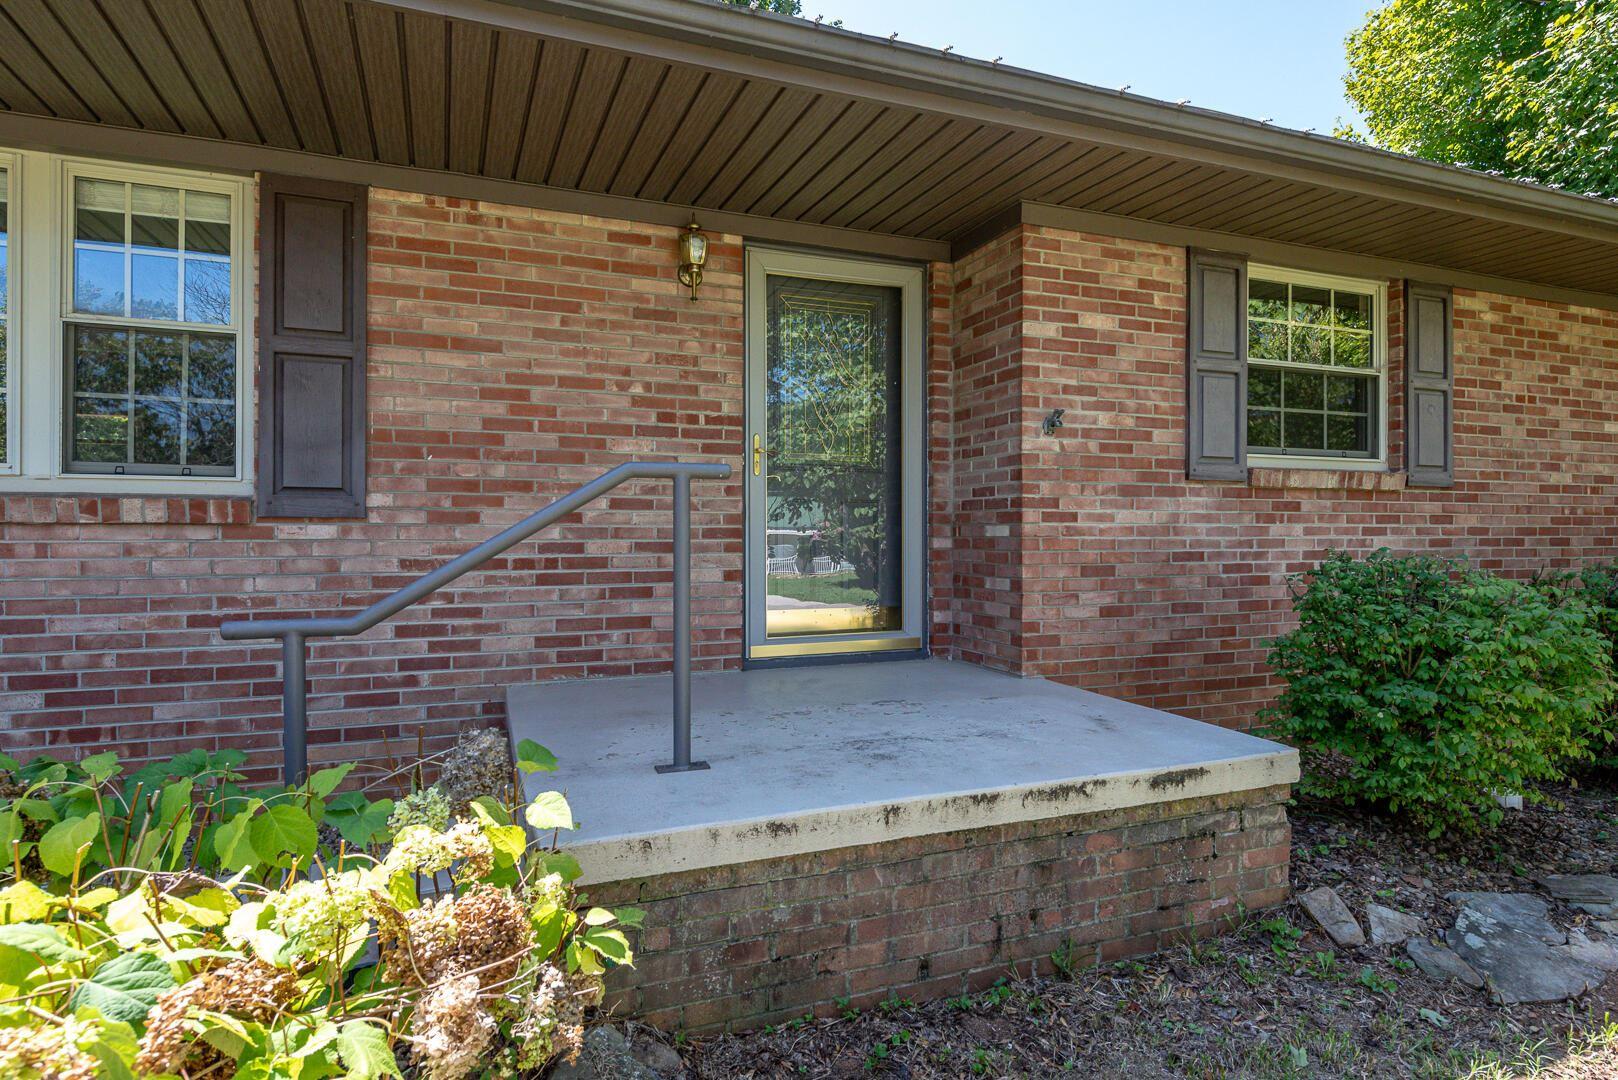 Photo of 103 Shawnee Drive, Maryville, TN 37804 (MLS # 1166485)